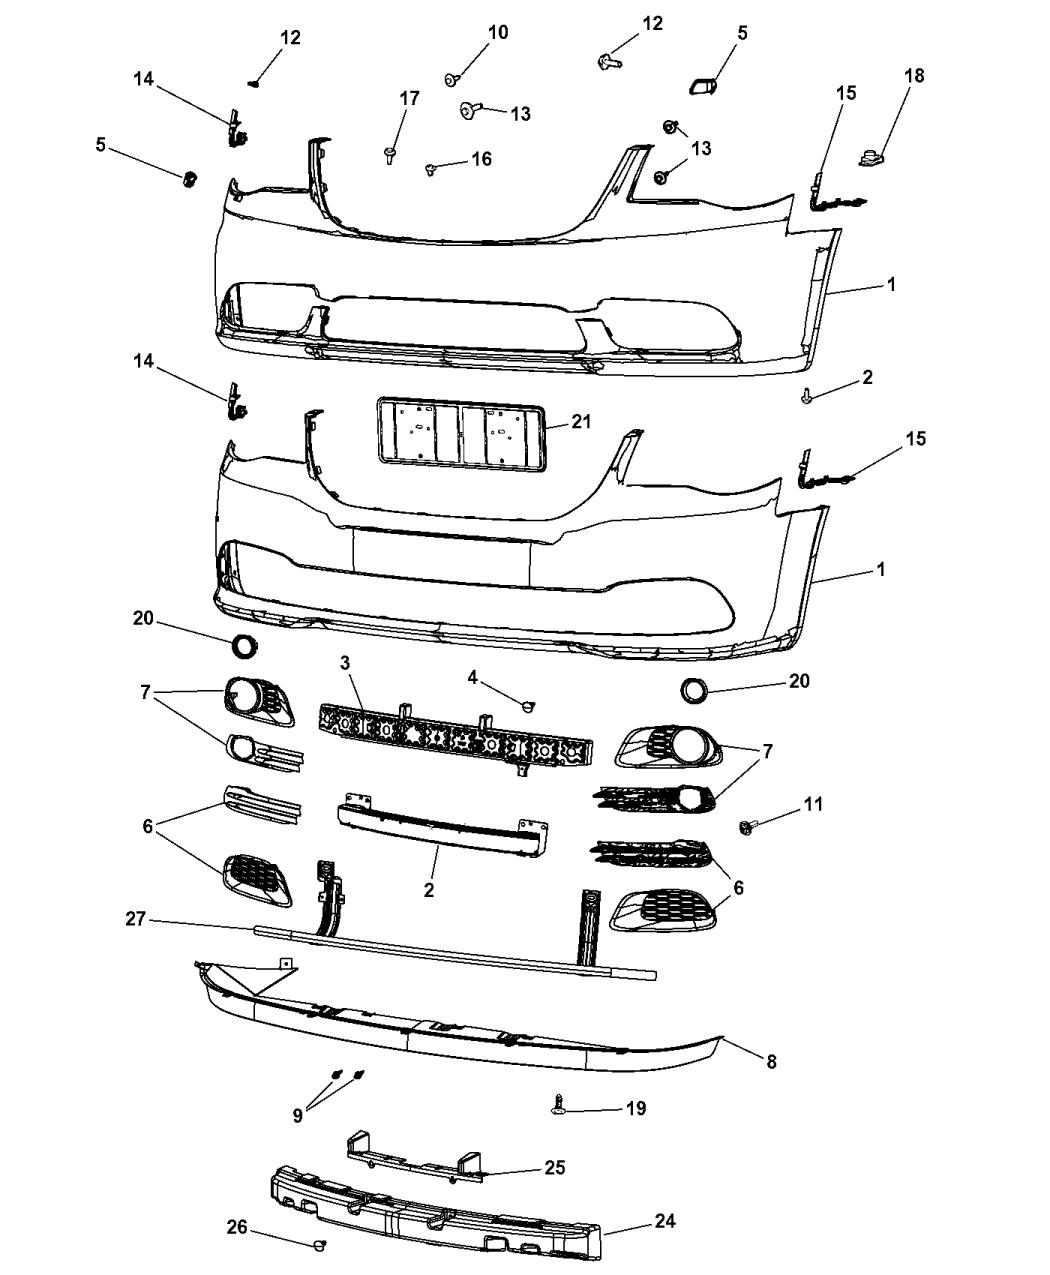 68213436AB  Genuine Chrysler BRACKETLICENSE PLATE